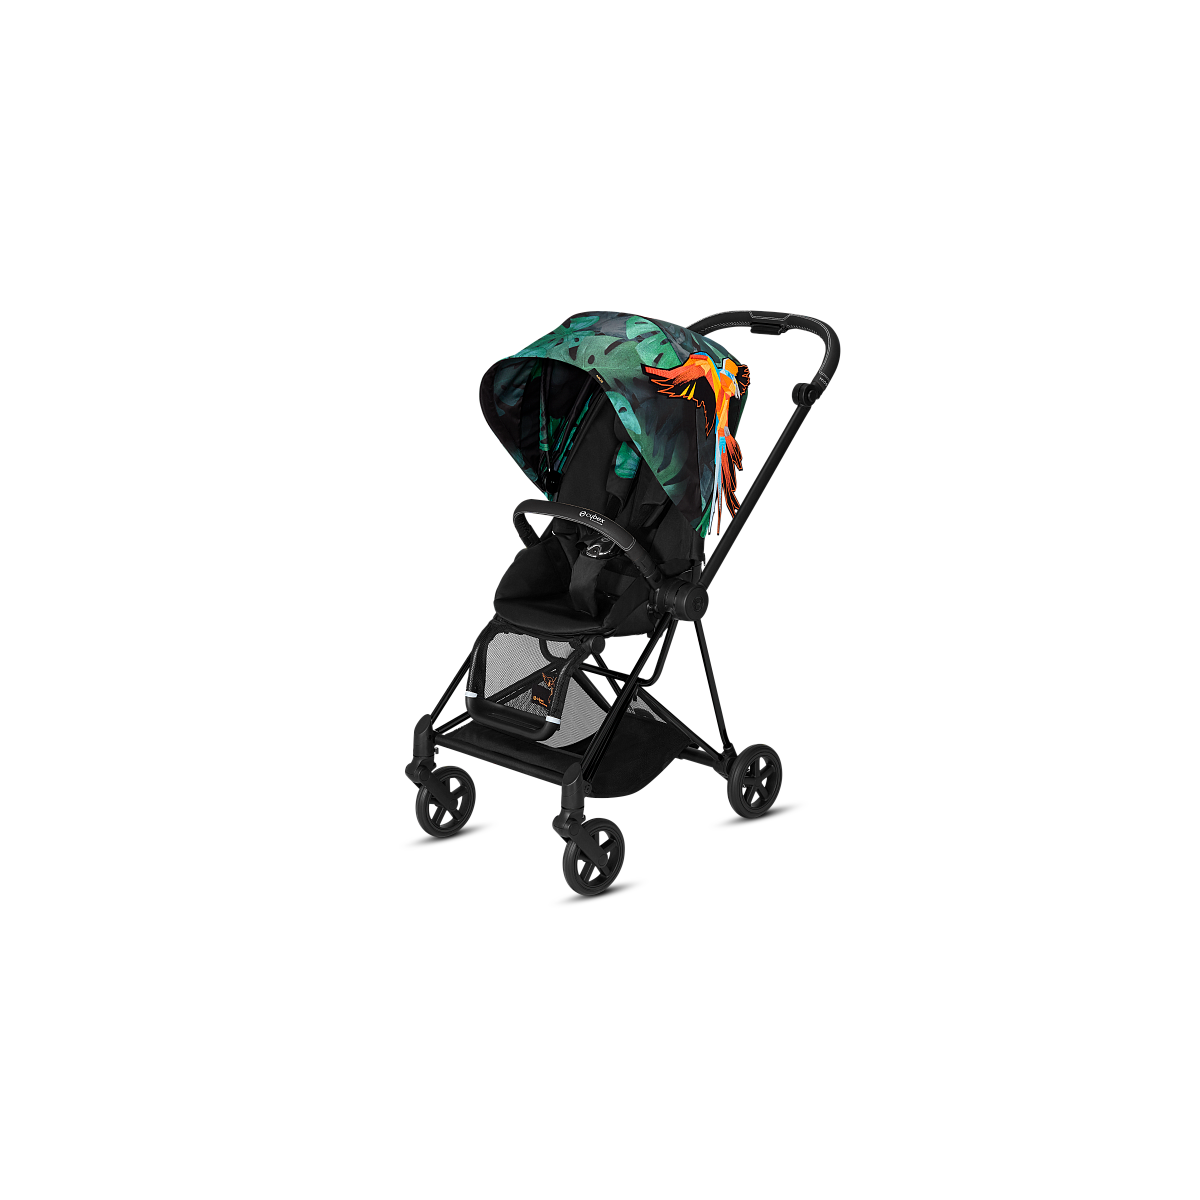 Châssis poussette MIOS Cybex matt black-black